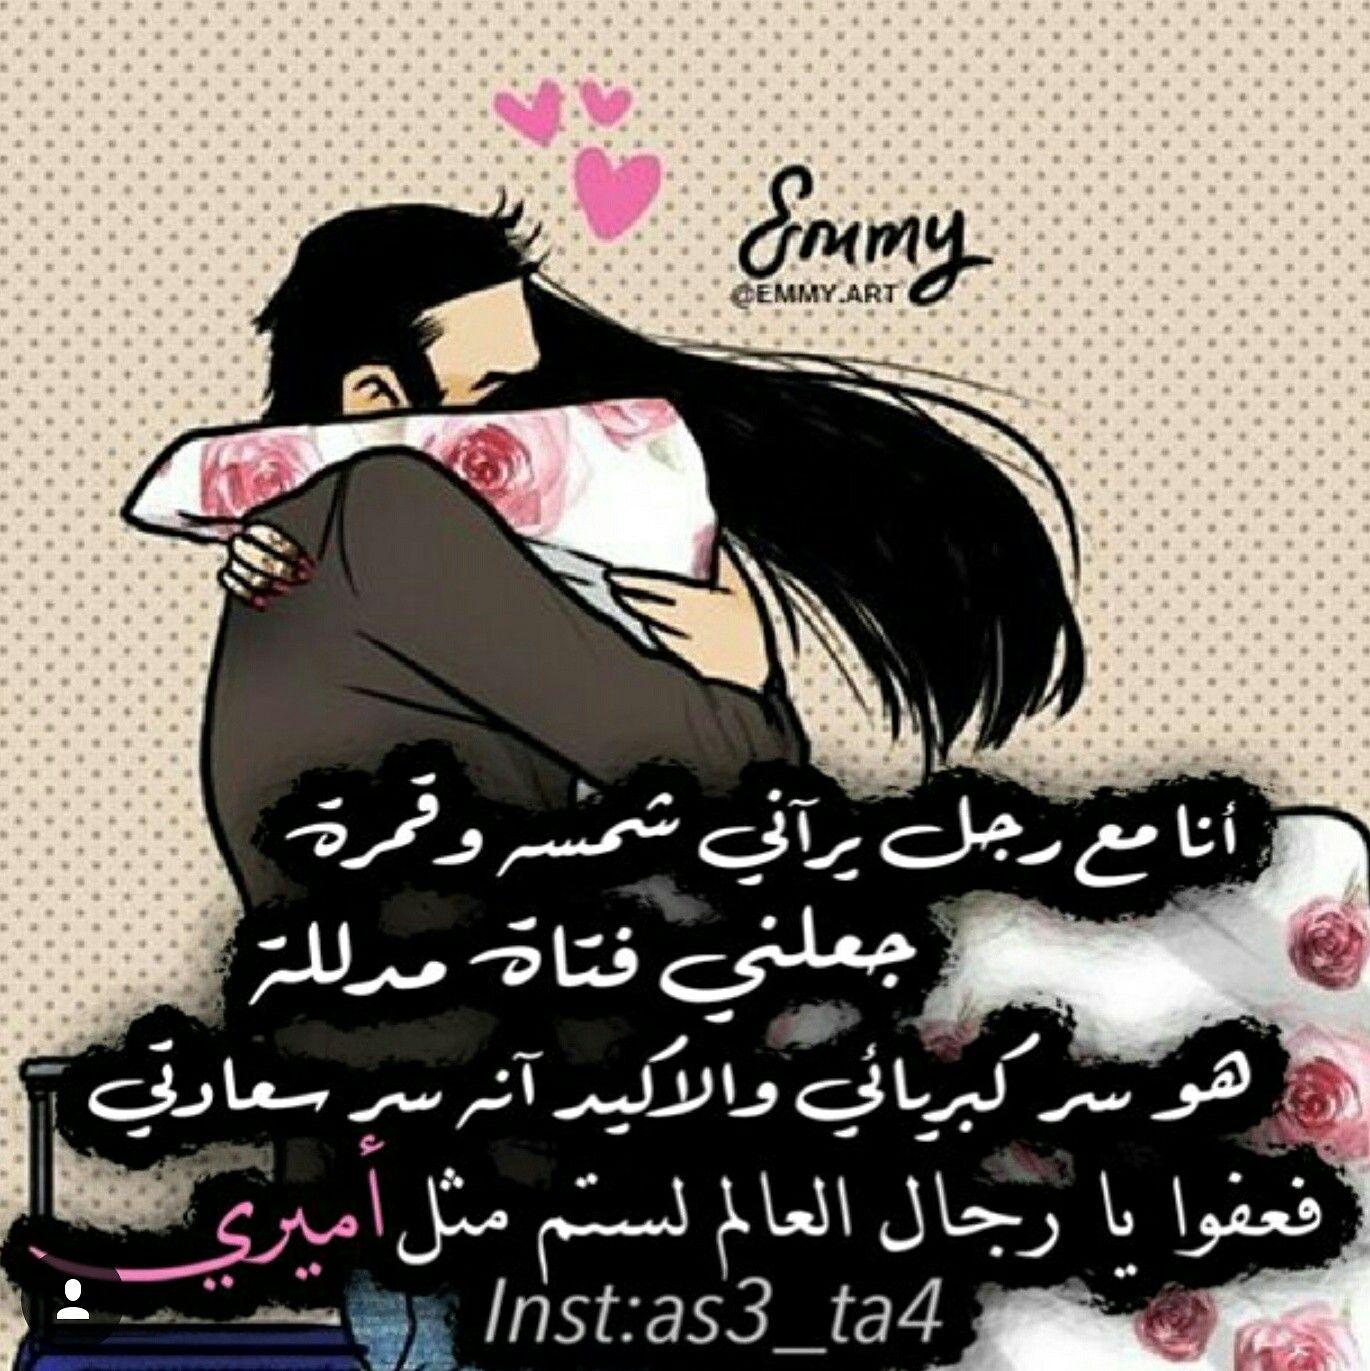 ربي اني احبة فحفظه لي من كل شي Beautiful Arabic Words Love Words Romantic Words